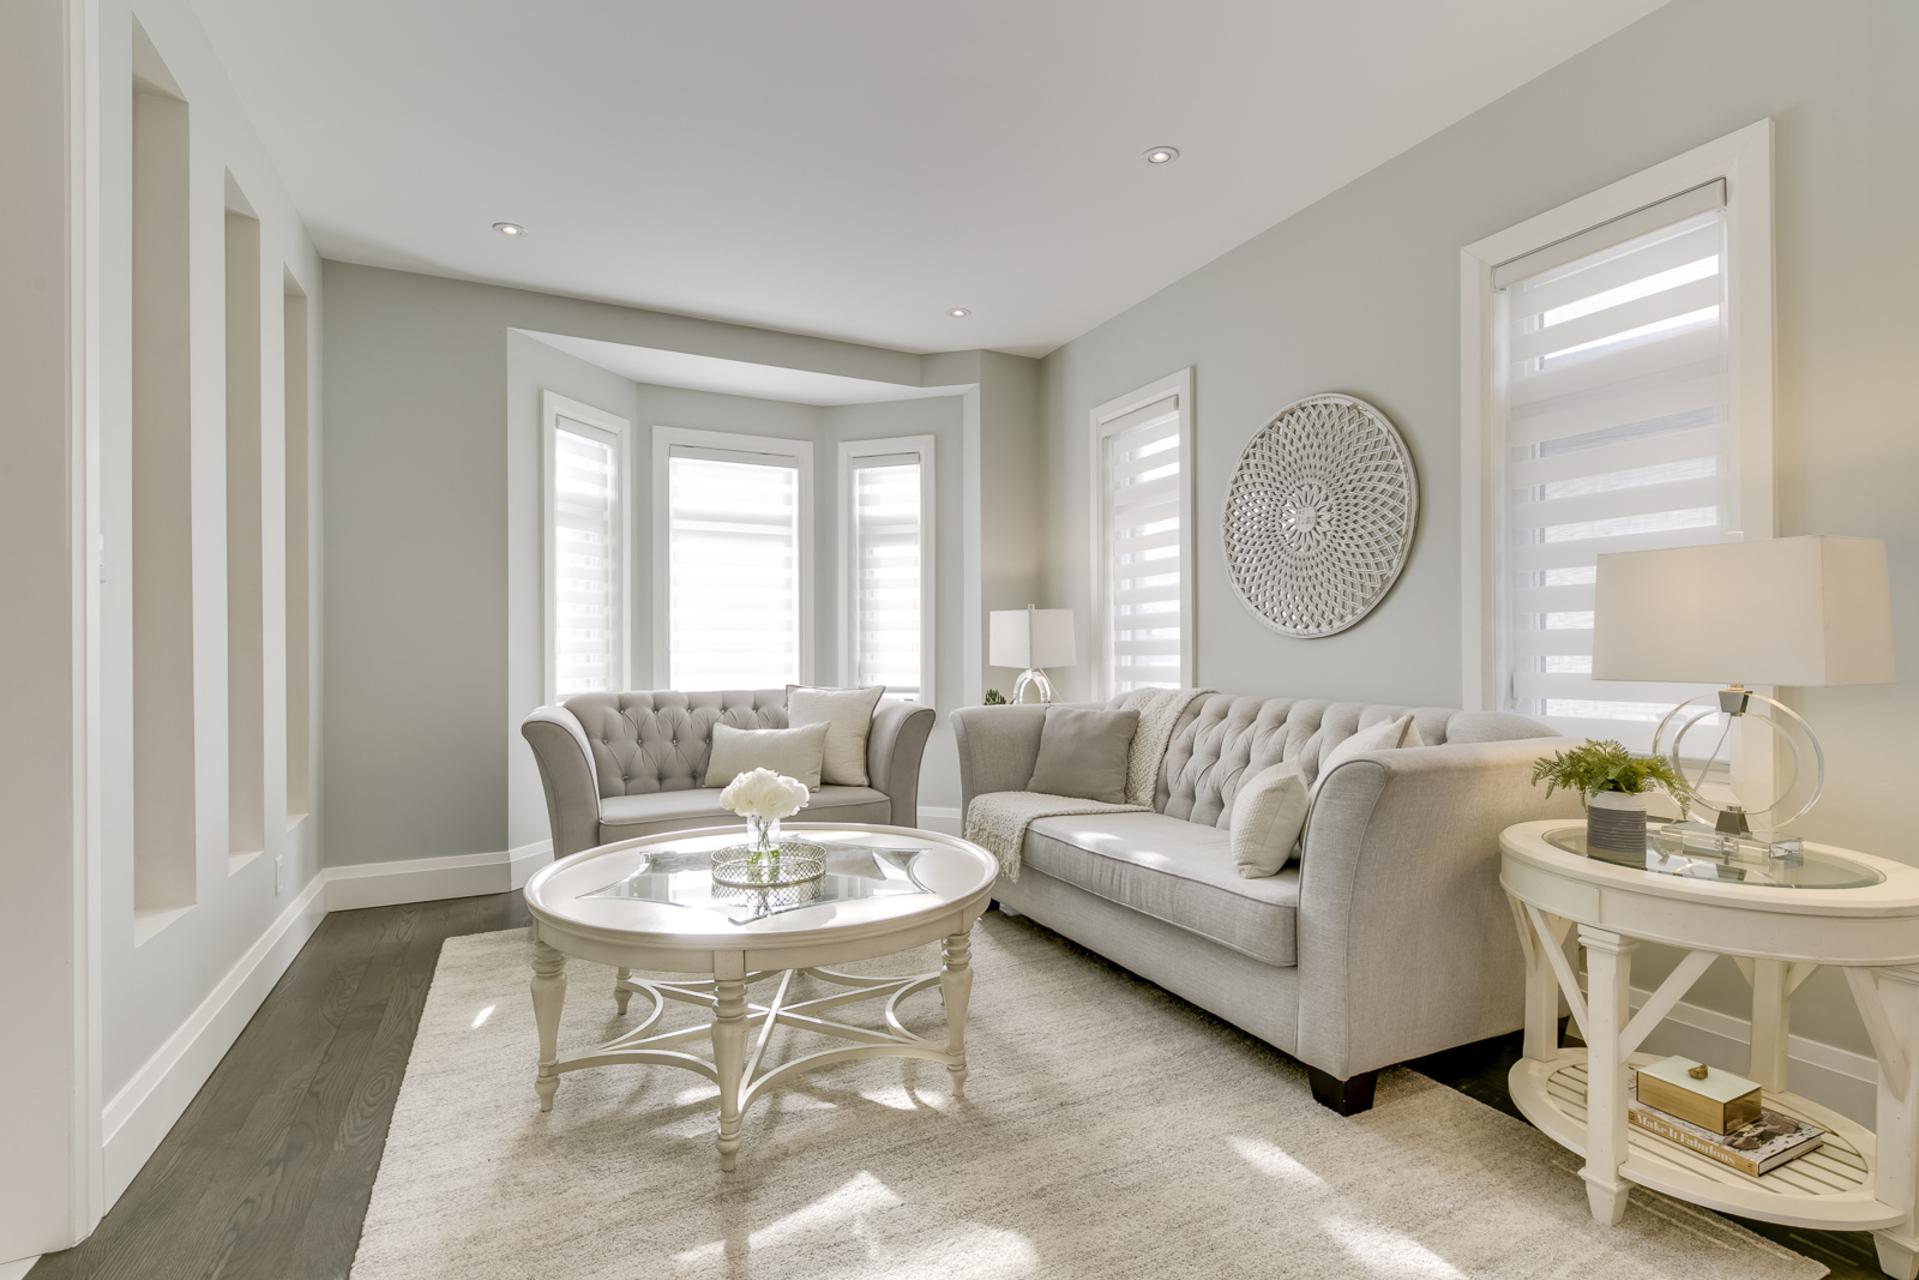 Living Room - 729 Byngmount Ave, Mississauga - Elite3 & Team at 729 Byngmount Avenue, Lakeview, Mississauga